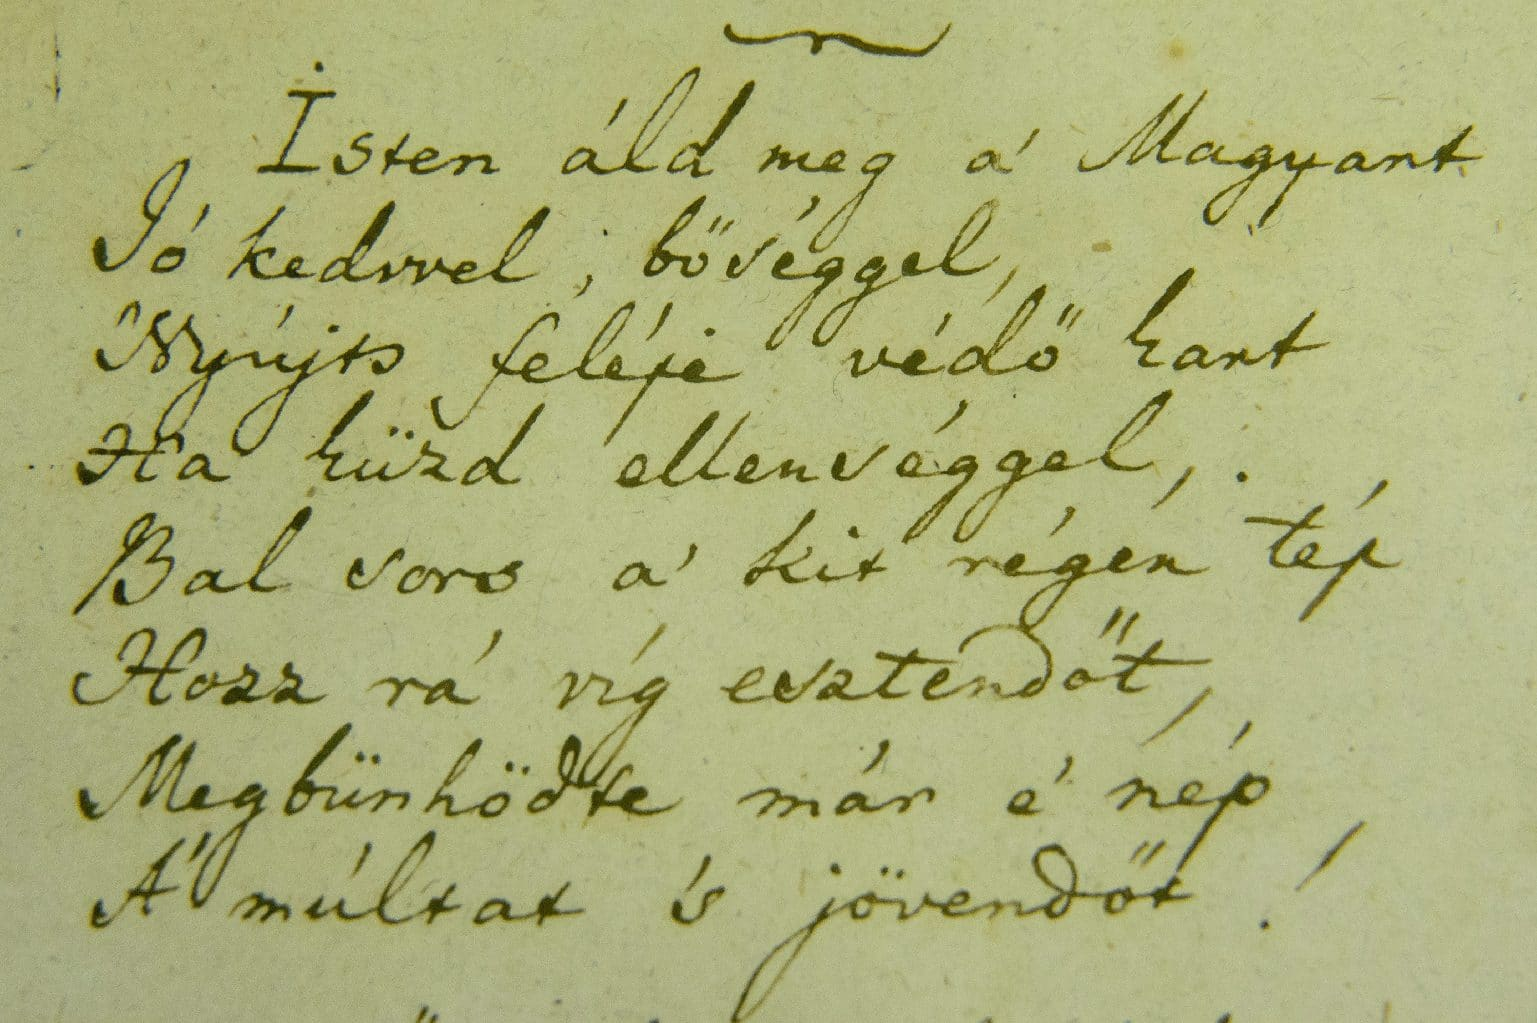 Kölcsey Ferenc Himnusz című költeményének eredeti kézirata Szécsényben, a Kubinyi Ferenc Múzeumban. A magyar kultúra napja alkalmából 2015-ben kiállították a Himnusz eredeti kéziratát. (Fotó: MTI/Komka Péter)